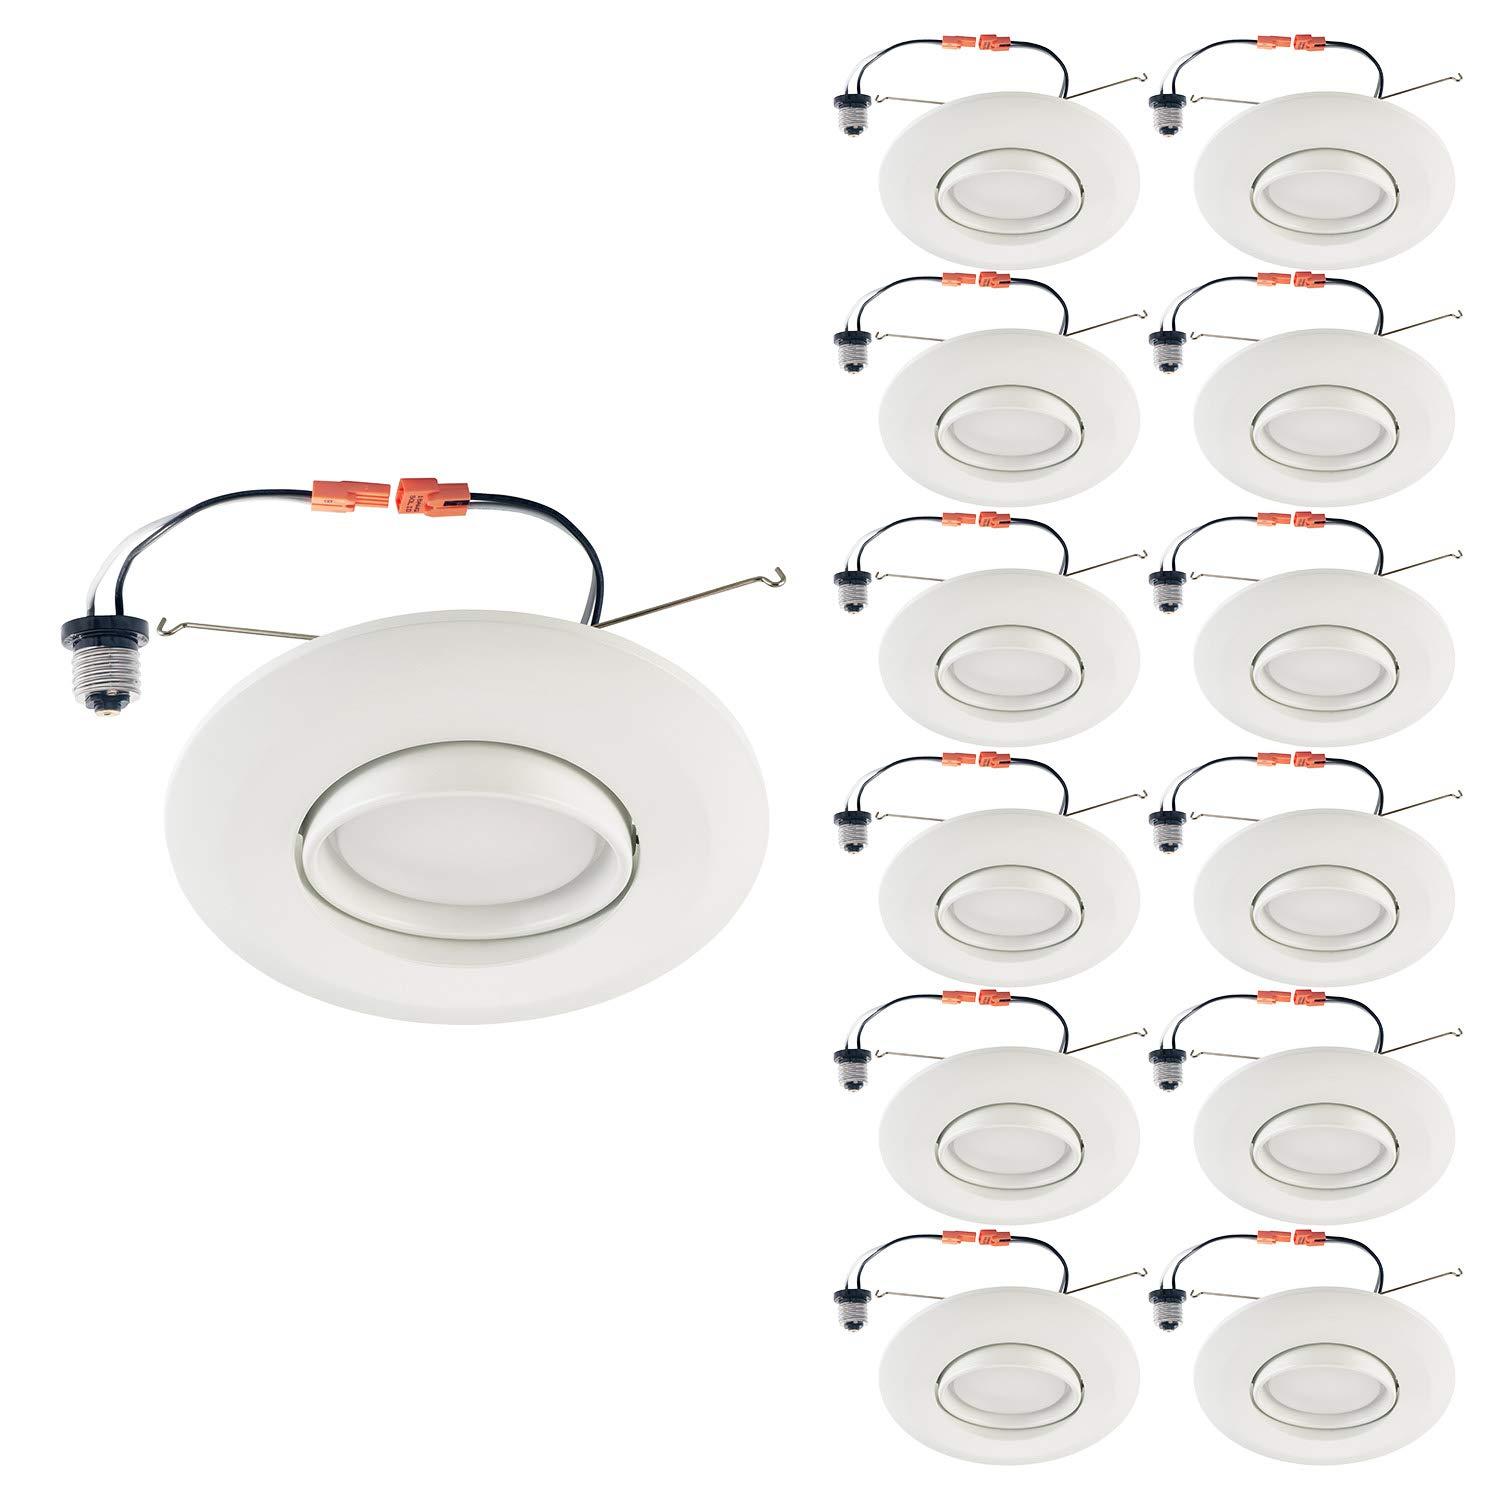 人気アイテム OSTWIN LED LED ダウンライト Pack|5000K レトロフィットキット ジンバル - 6インチ 6インチ 1 Pack ホワイト OW-LDLRK-GBR-6D1540W B07M62S54C 5000K (Daylight) 12 Pack 12 Pack|5000K (Daylight), Dream Link:e0147630 --- a0267596.xsph.ru